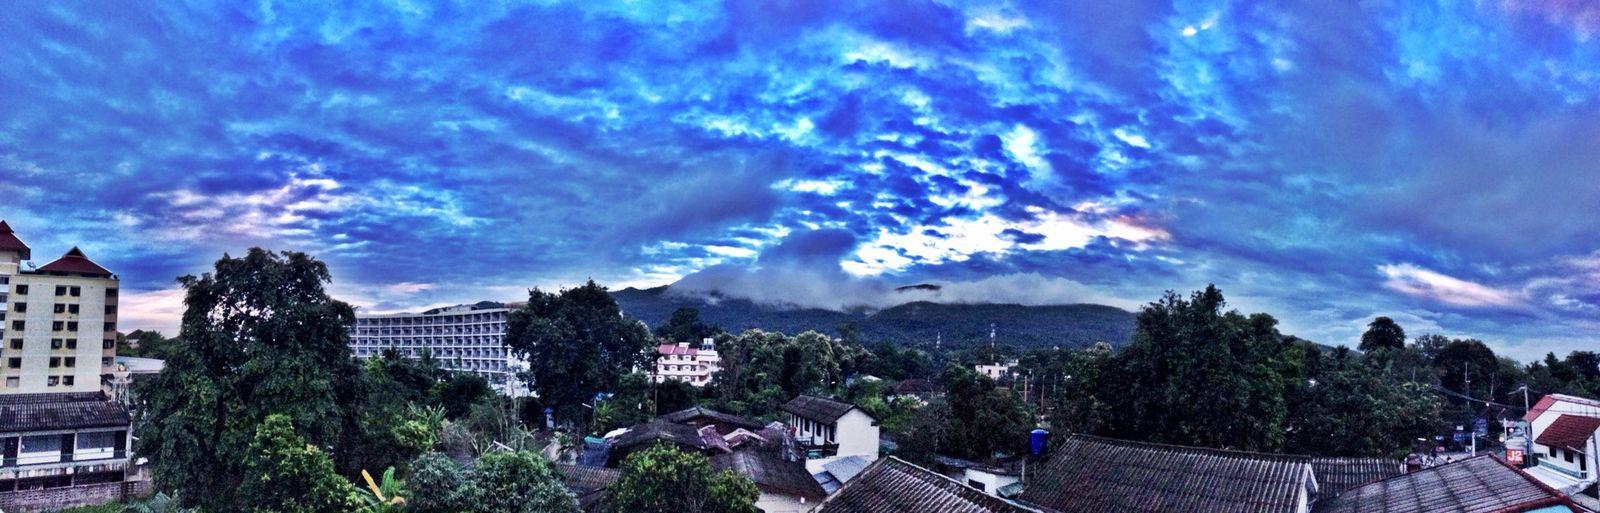 Clouds And Sky Panorama Evening Sky